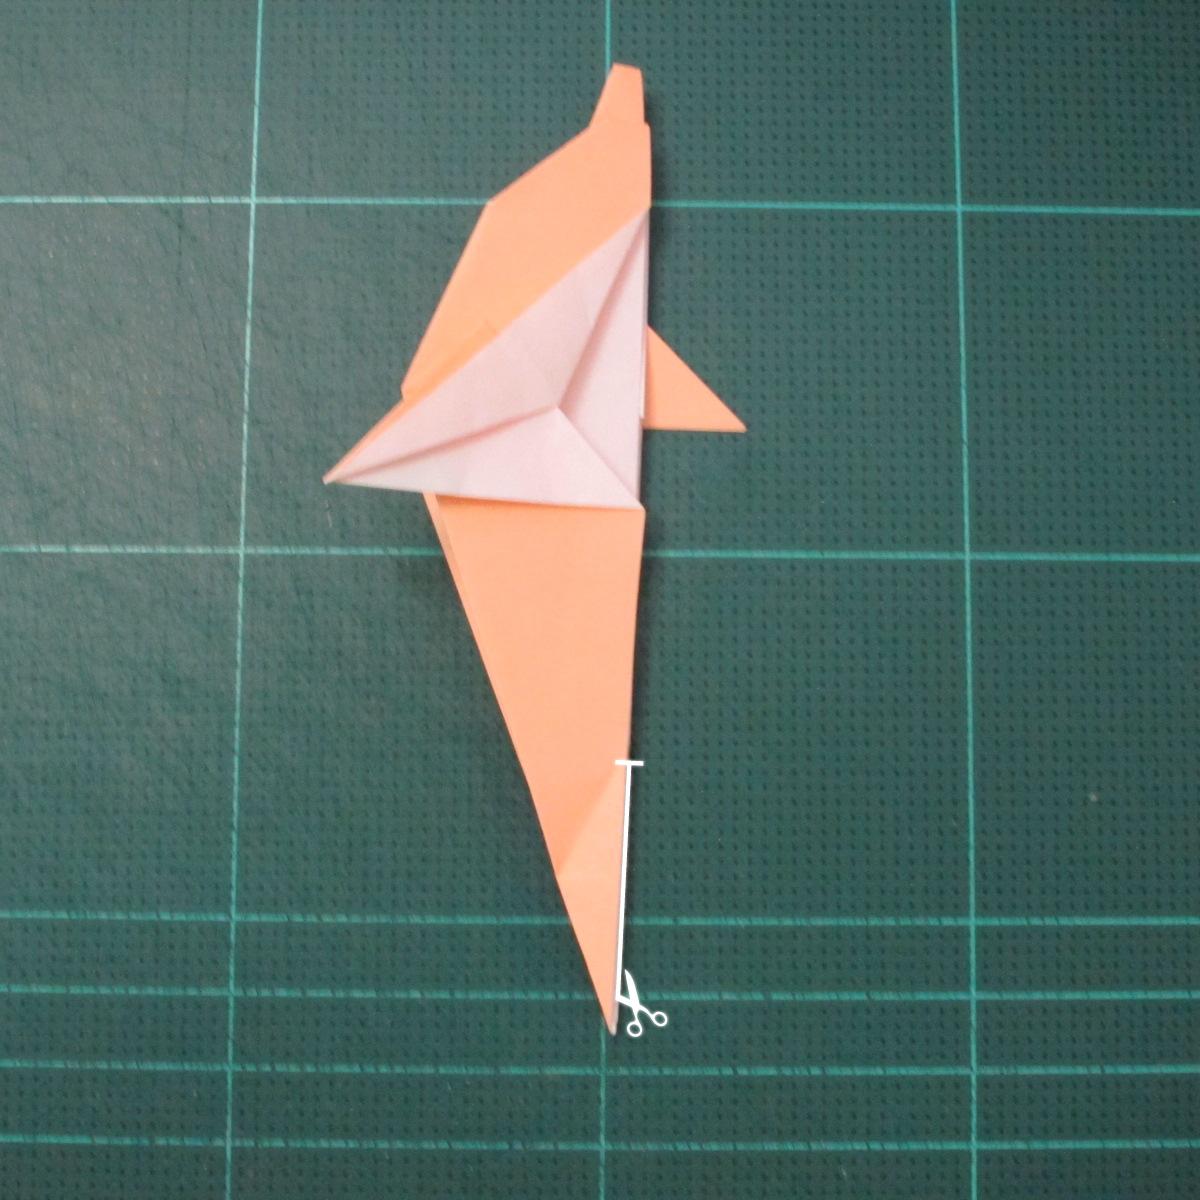 วิธีพับกระดาษเป็นรูปปลาโลมาแบบง่าย (Easy Origami Dolphin) 016